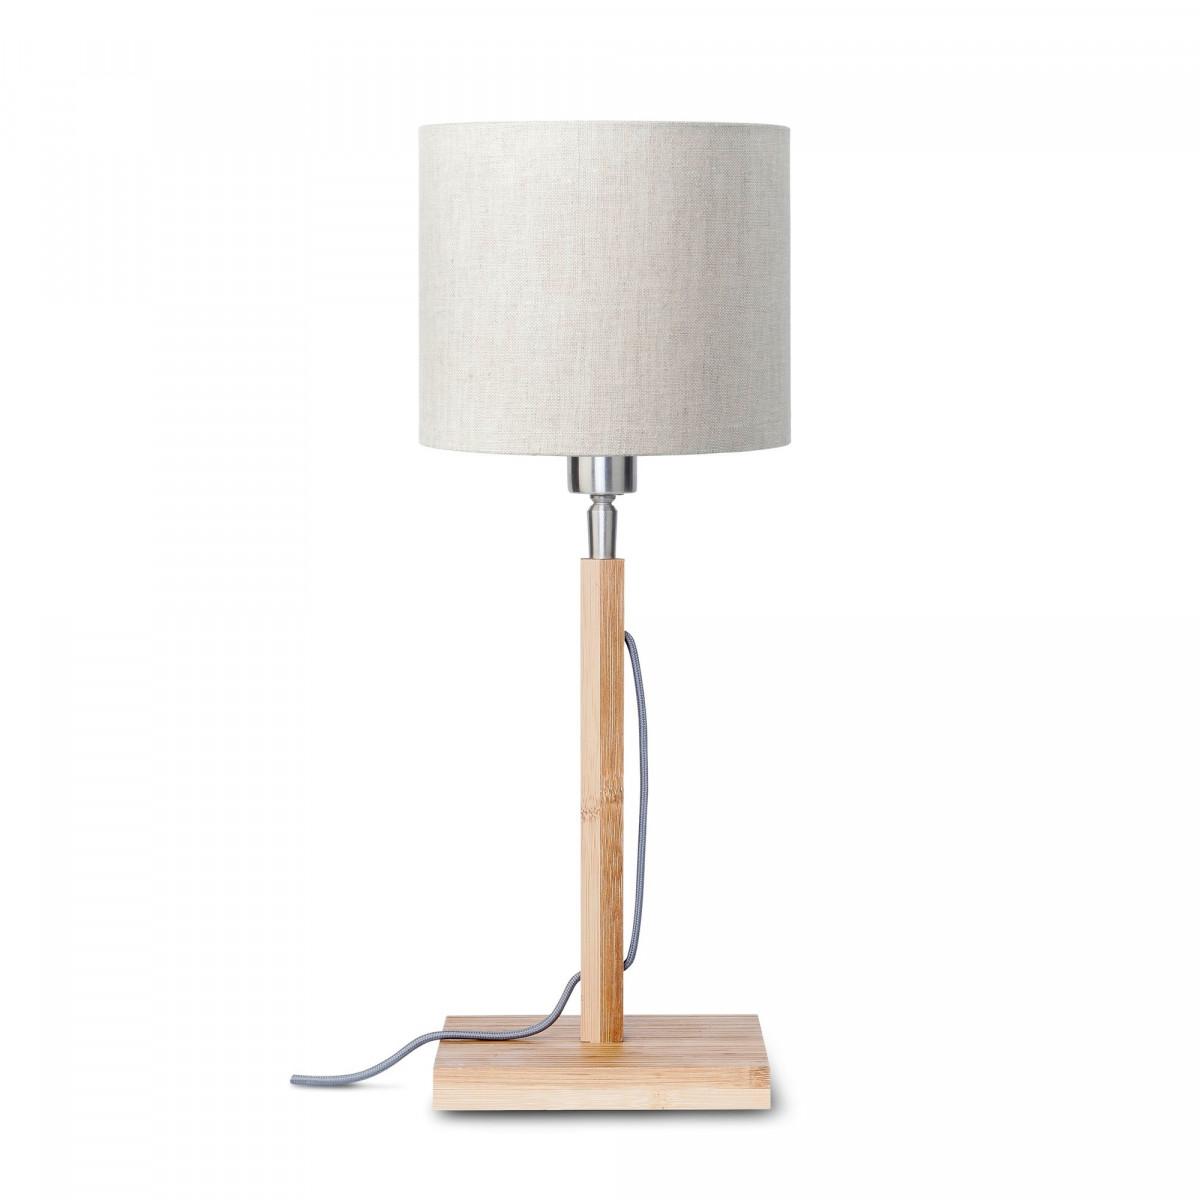 Lampe de table Fuji en bambou et lin Lin clairw